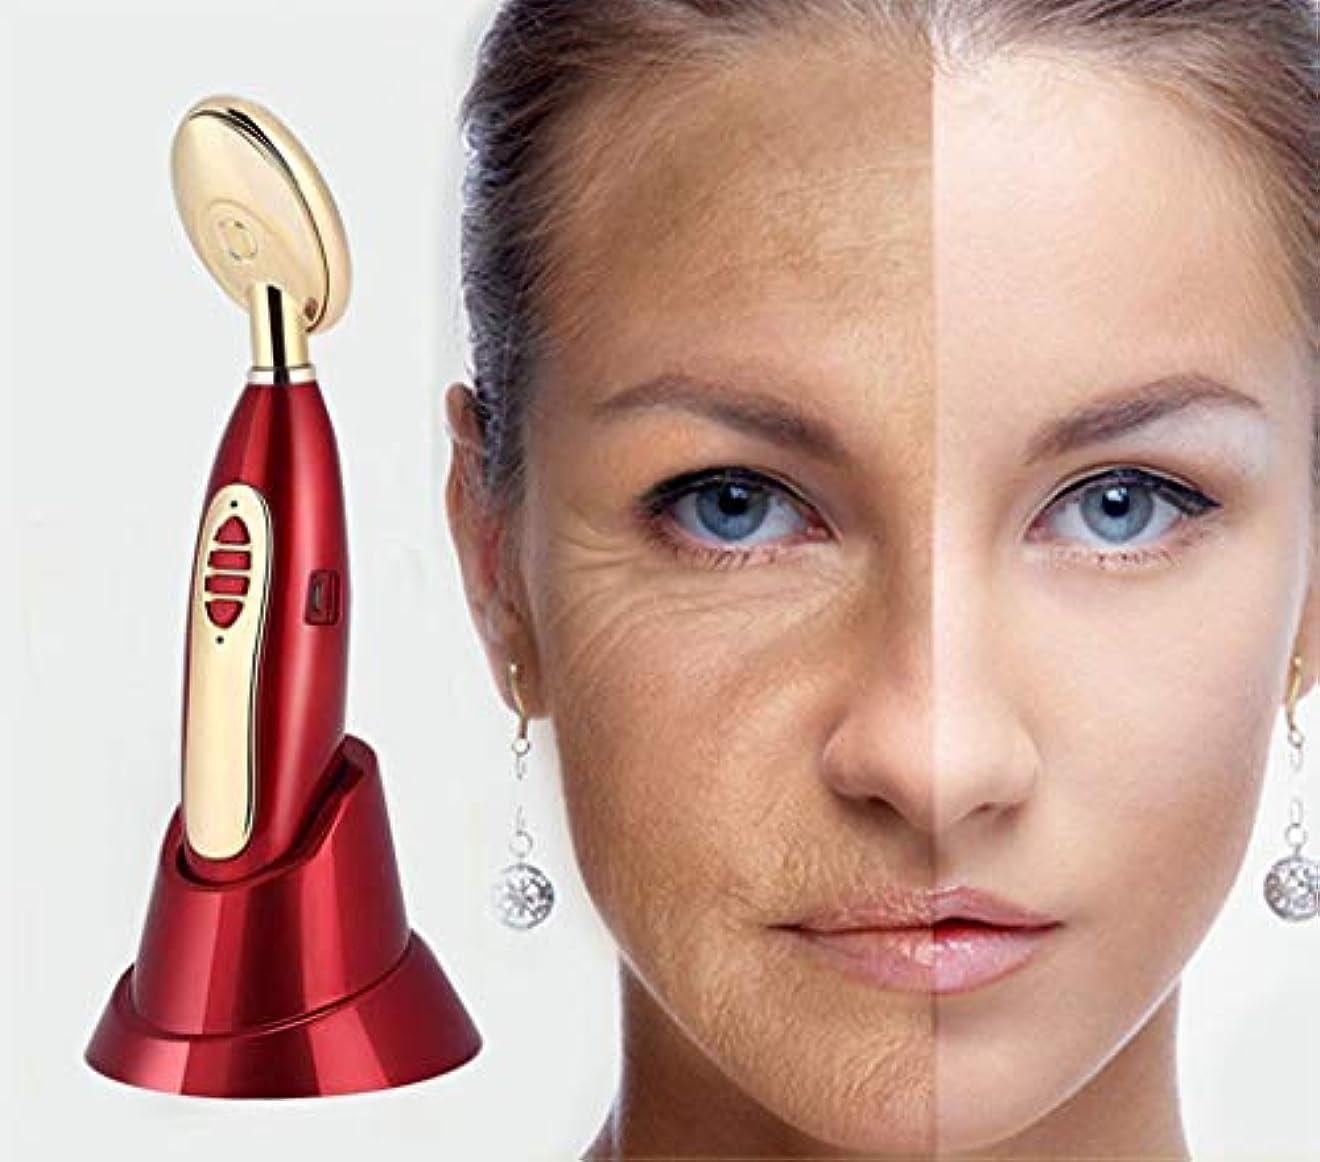 美容機器電気顔と目の皮膚引き締め機負イオンスキンエッセンス振動マッサージ USB しわ除去デバイス美容機器暗い円を削除します。